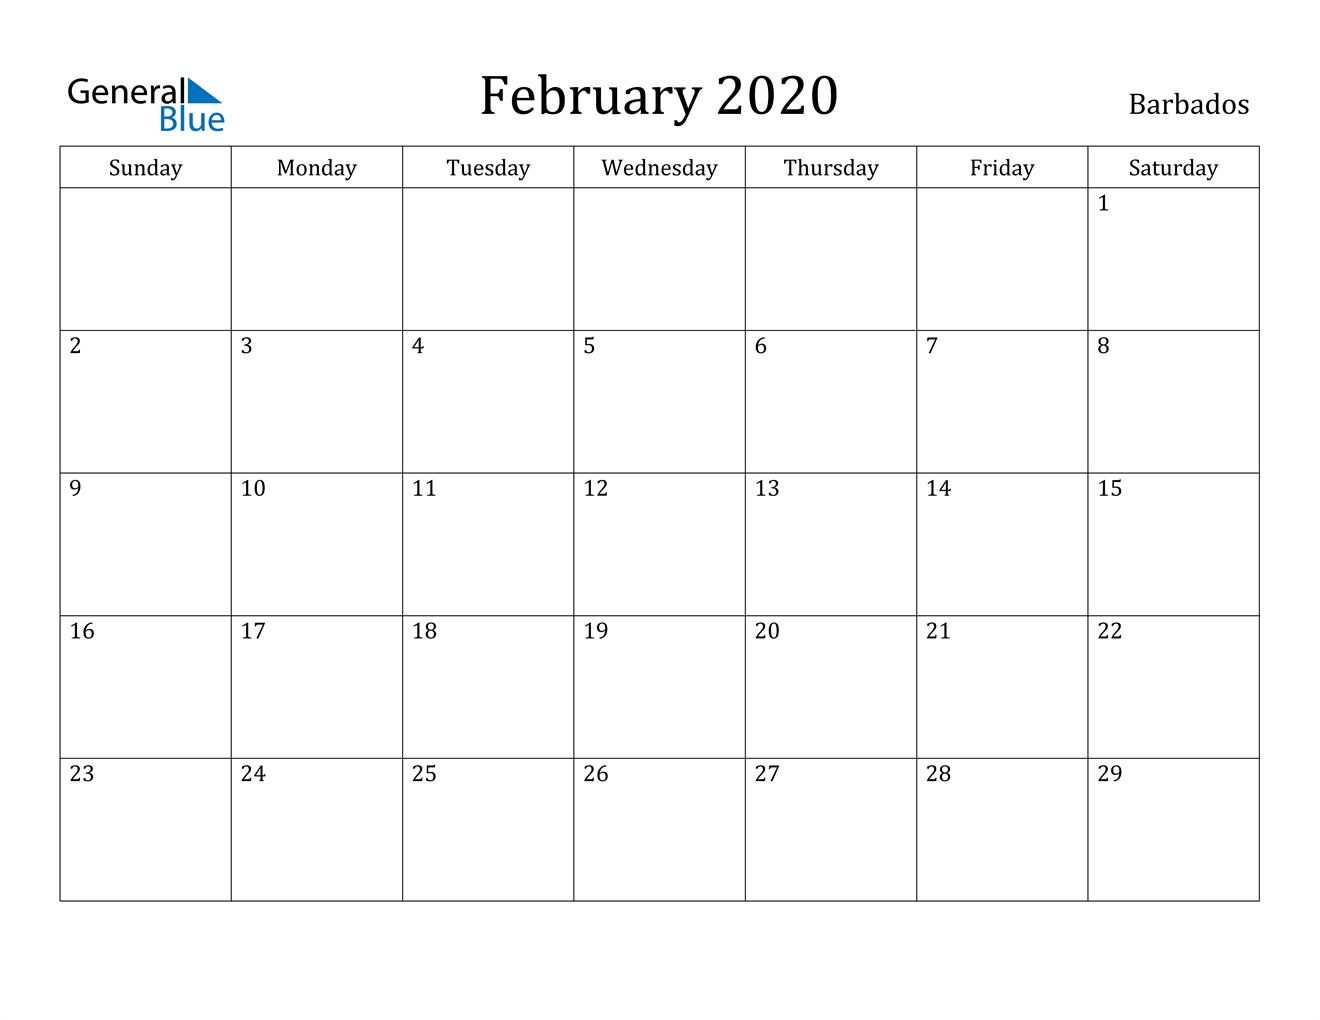 Image of February 2020 Barbados Calendar with Holidays Calendar